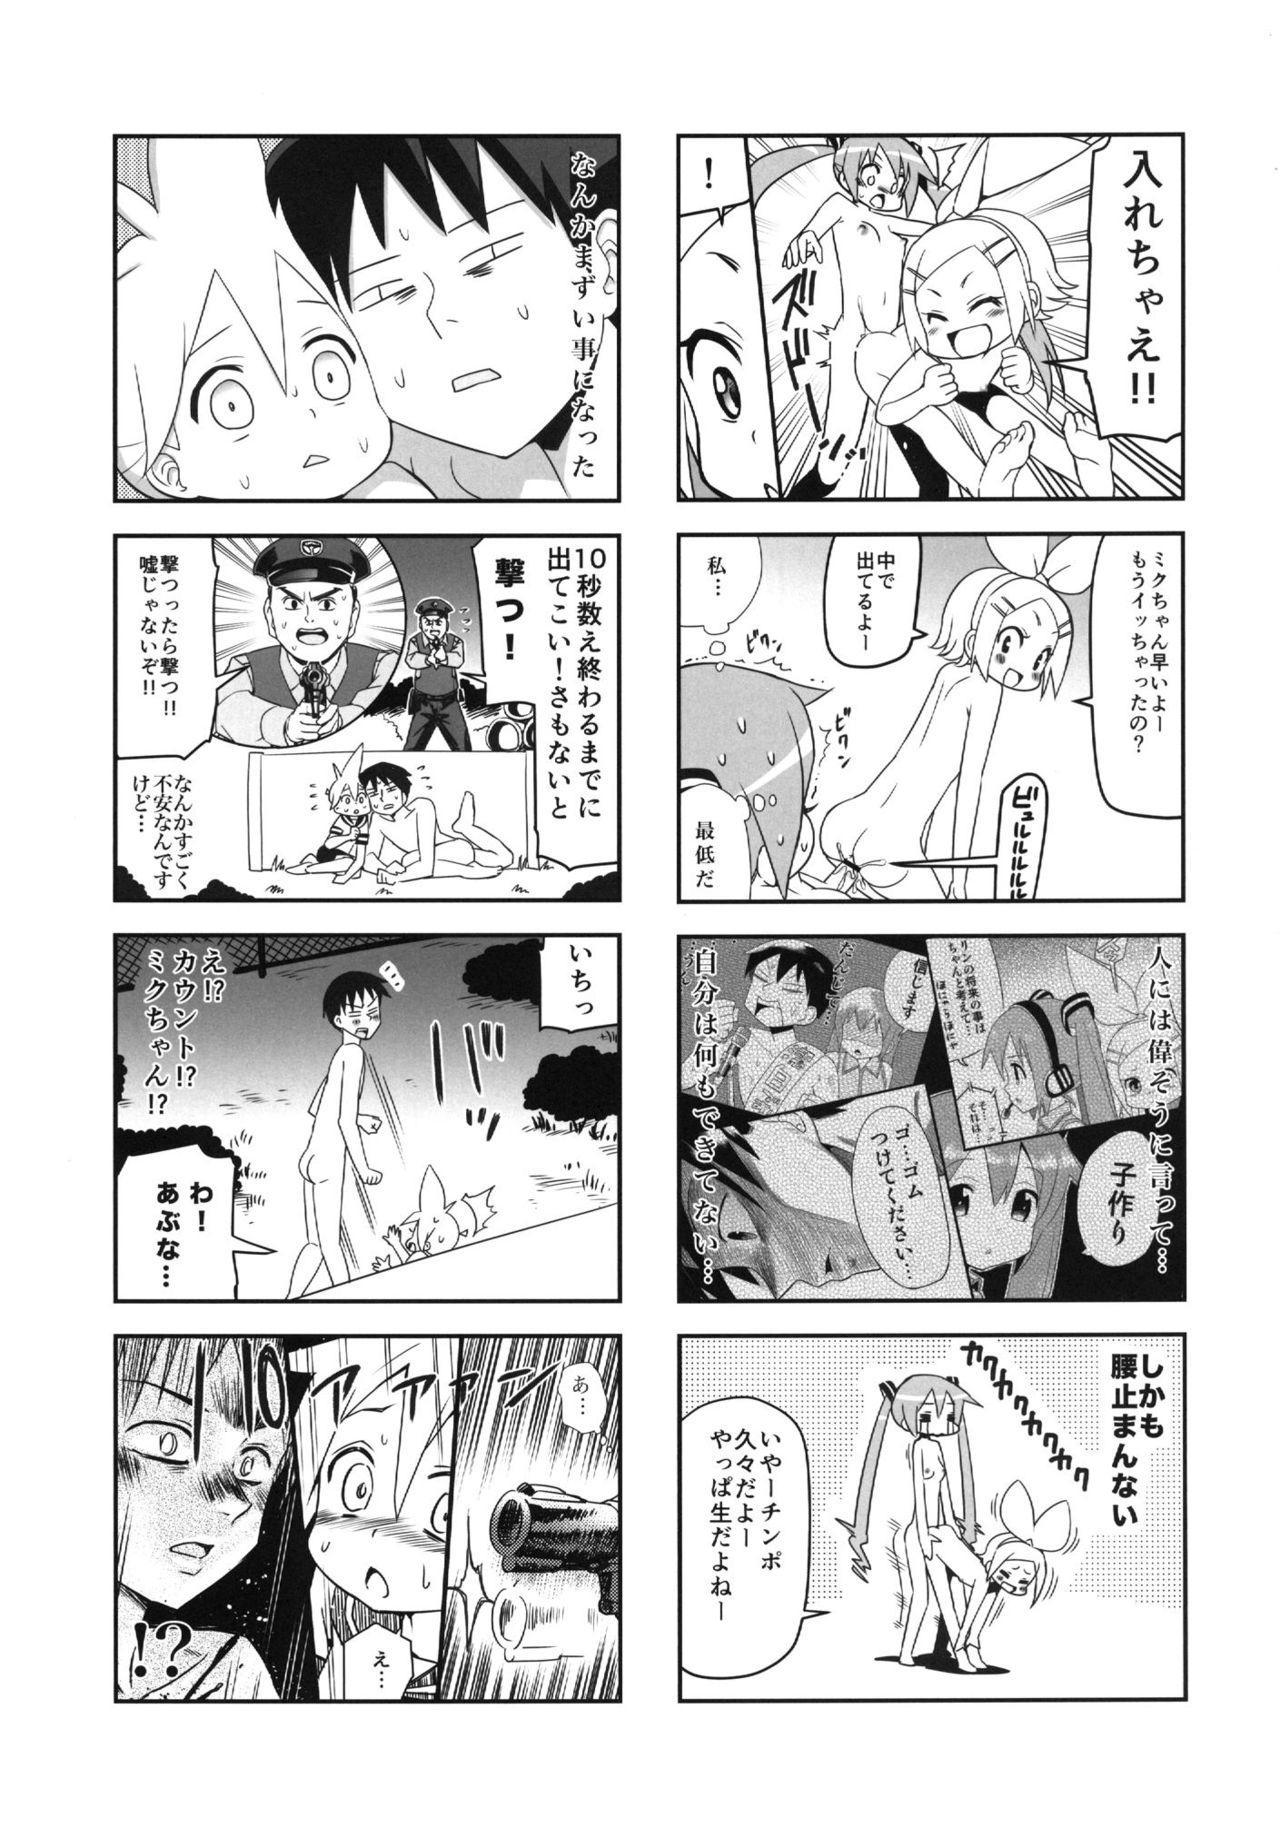 Mikkumiku na Hannou volume. 5 31